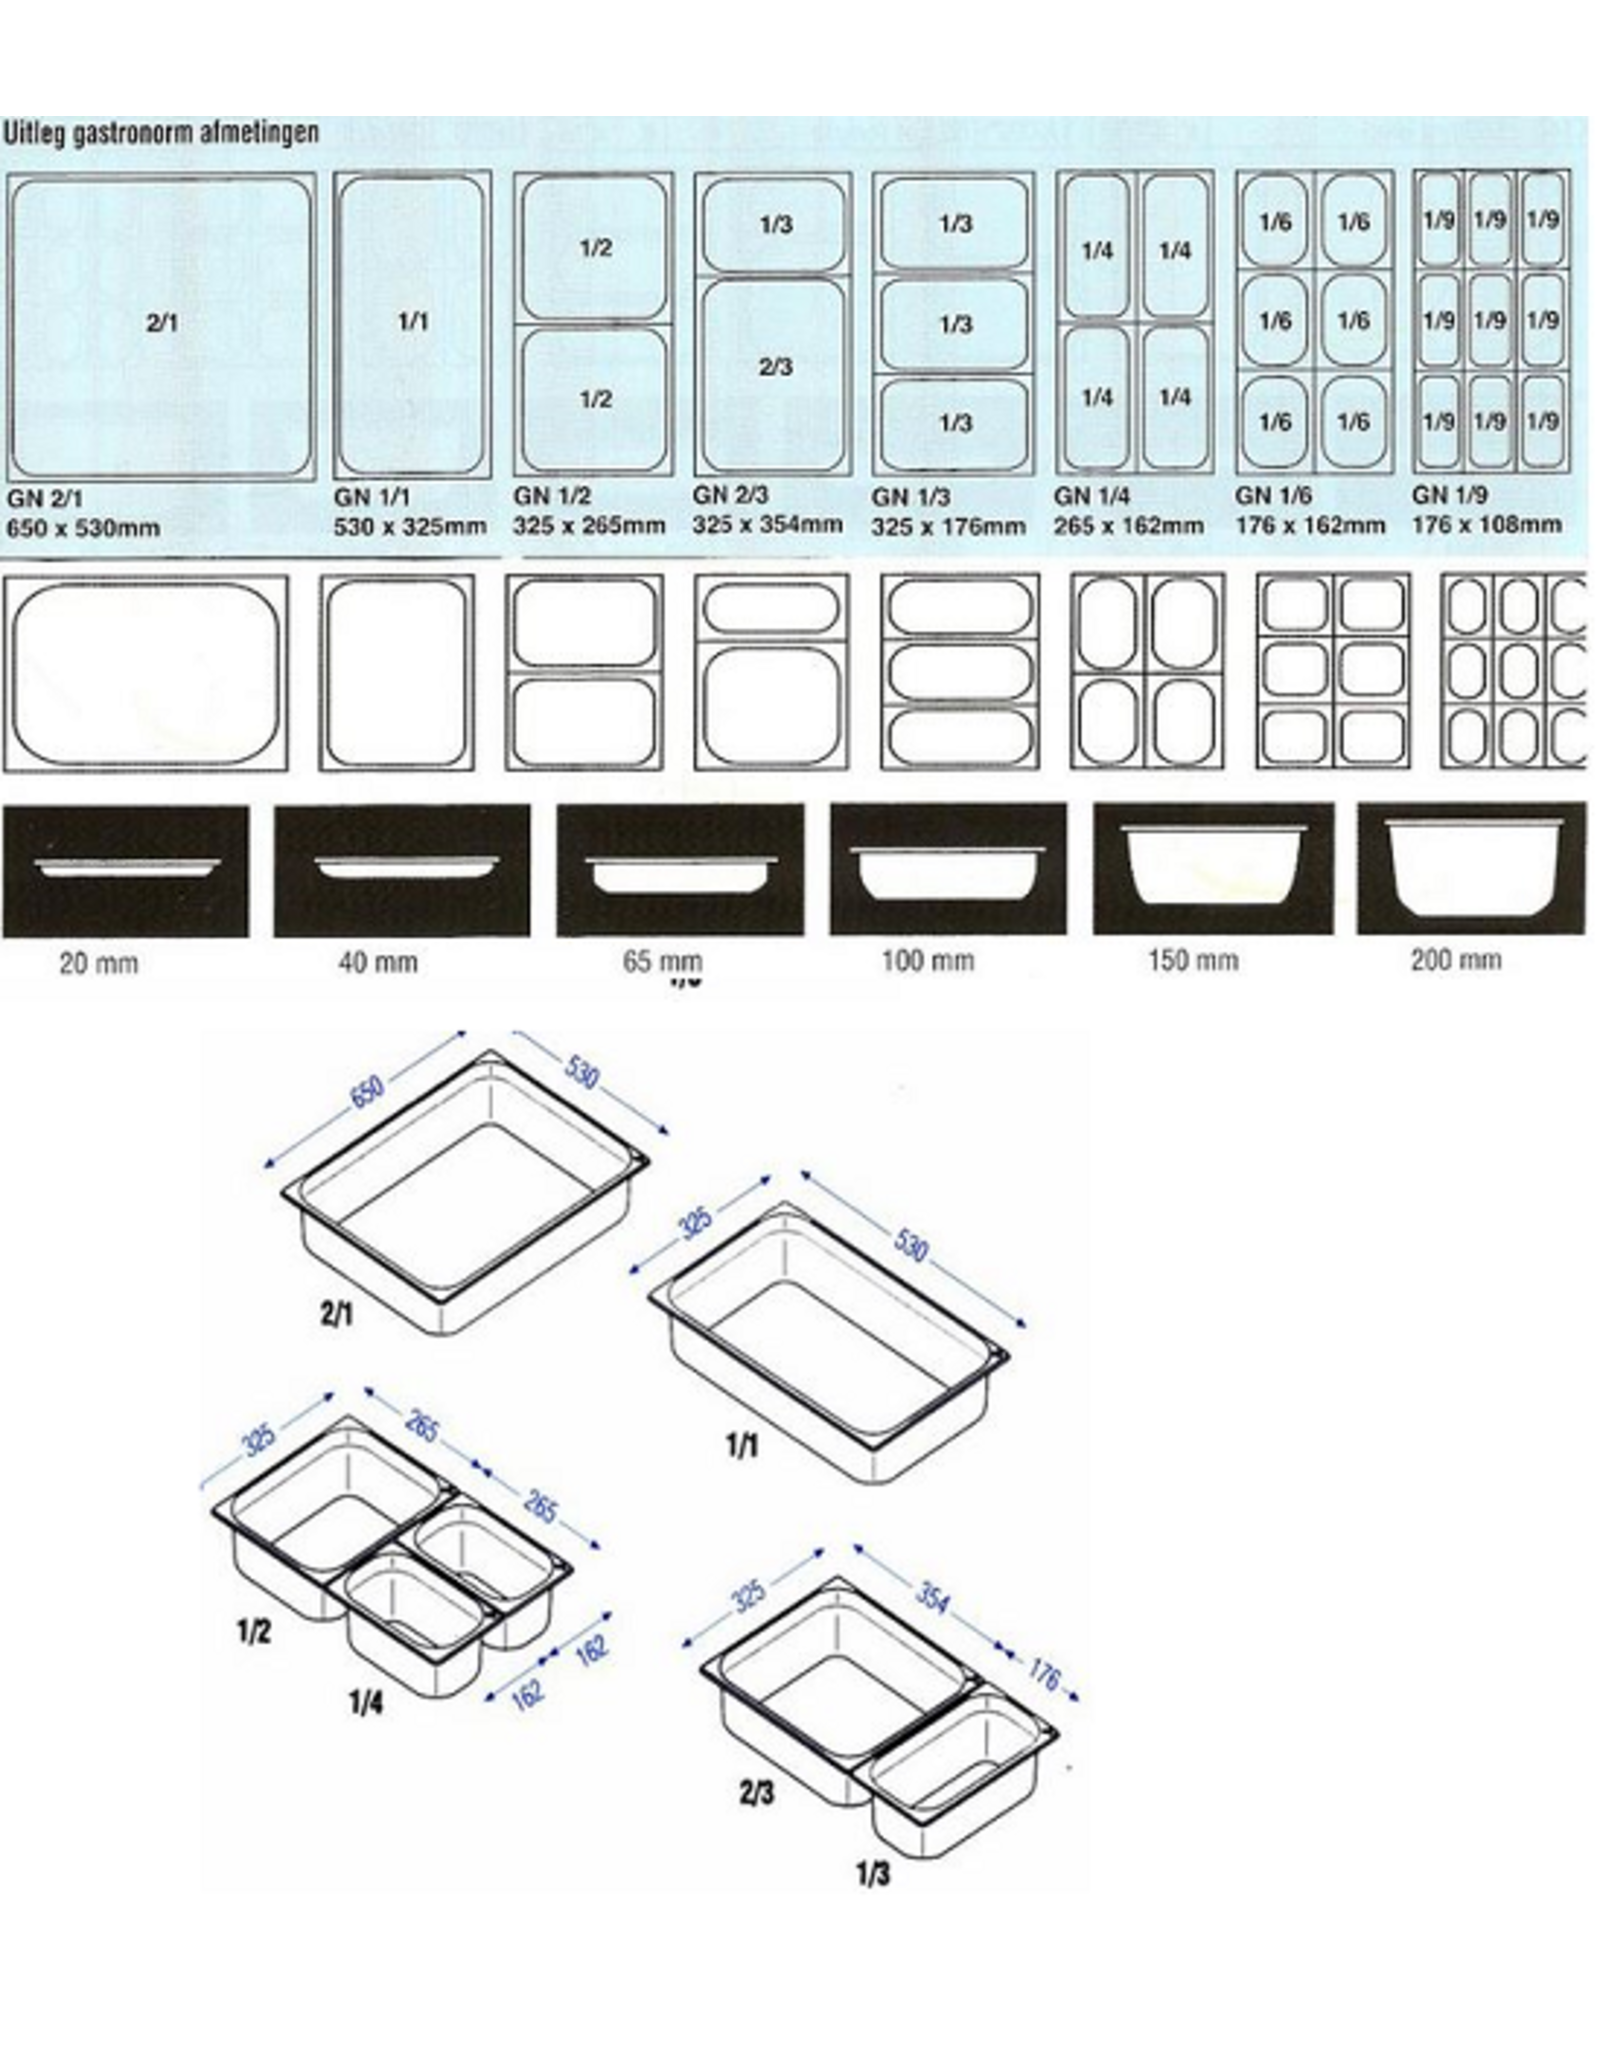 Q-Gastro Gastronormbehälter Edelstahl 1/3 GN   150 mm   325x176mm